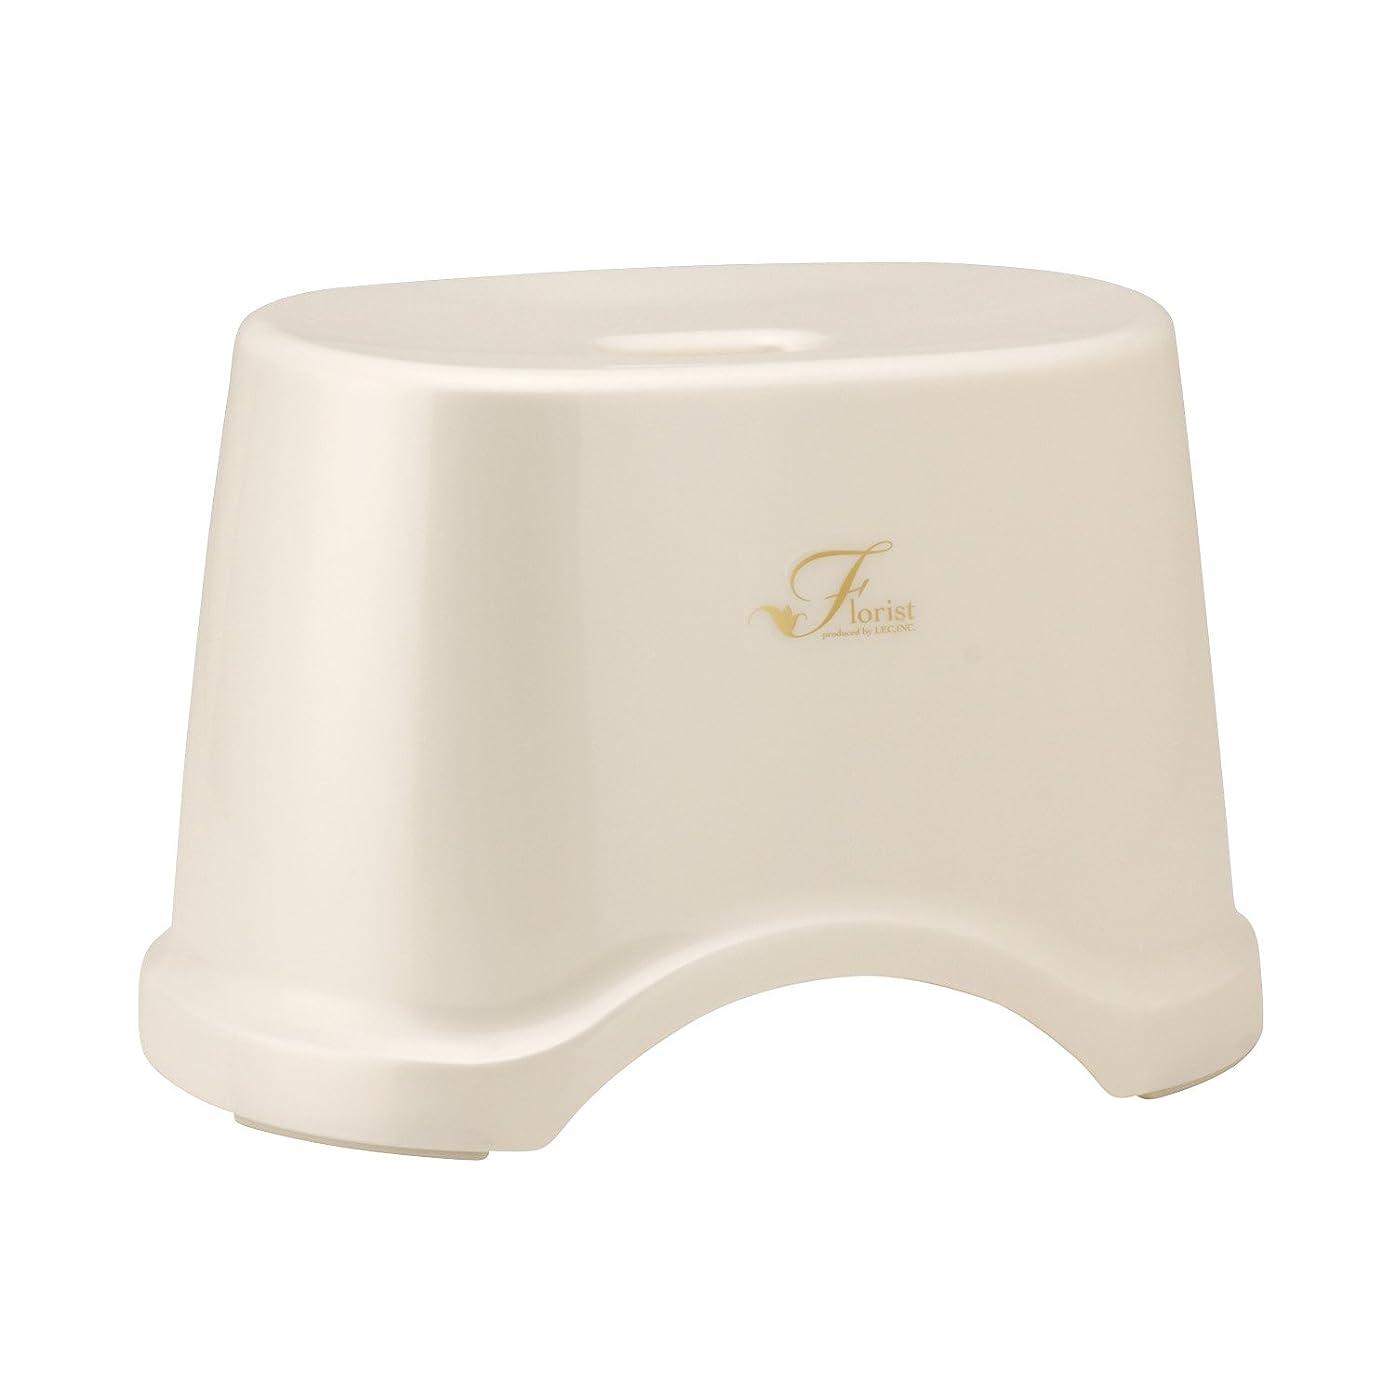 無秩序ジョージハンブリー強いレック Florist 風呂いす 高さ22cm ホワイト (風呂椅子 バスチェア) B-961